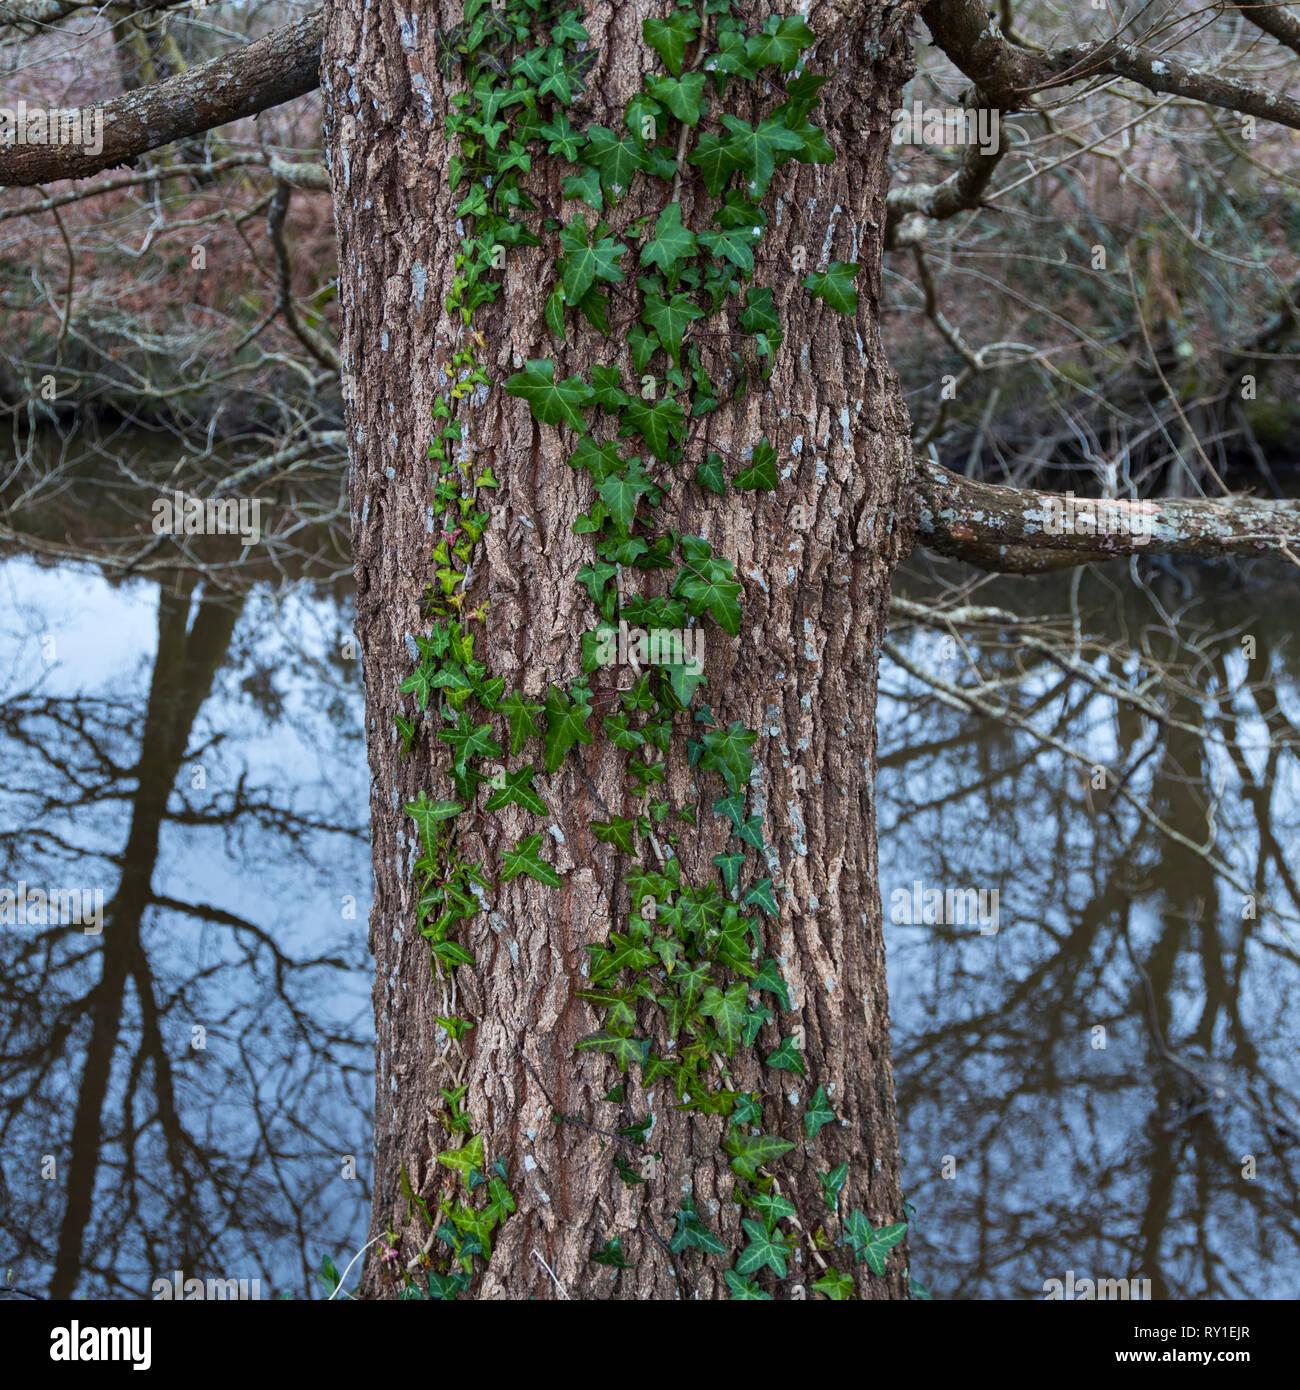 Réserve naturelle des Marais d'Orx, Labenne, Landes, Nouvelle-Aquitaine, Frankreich, Europa Stockbild